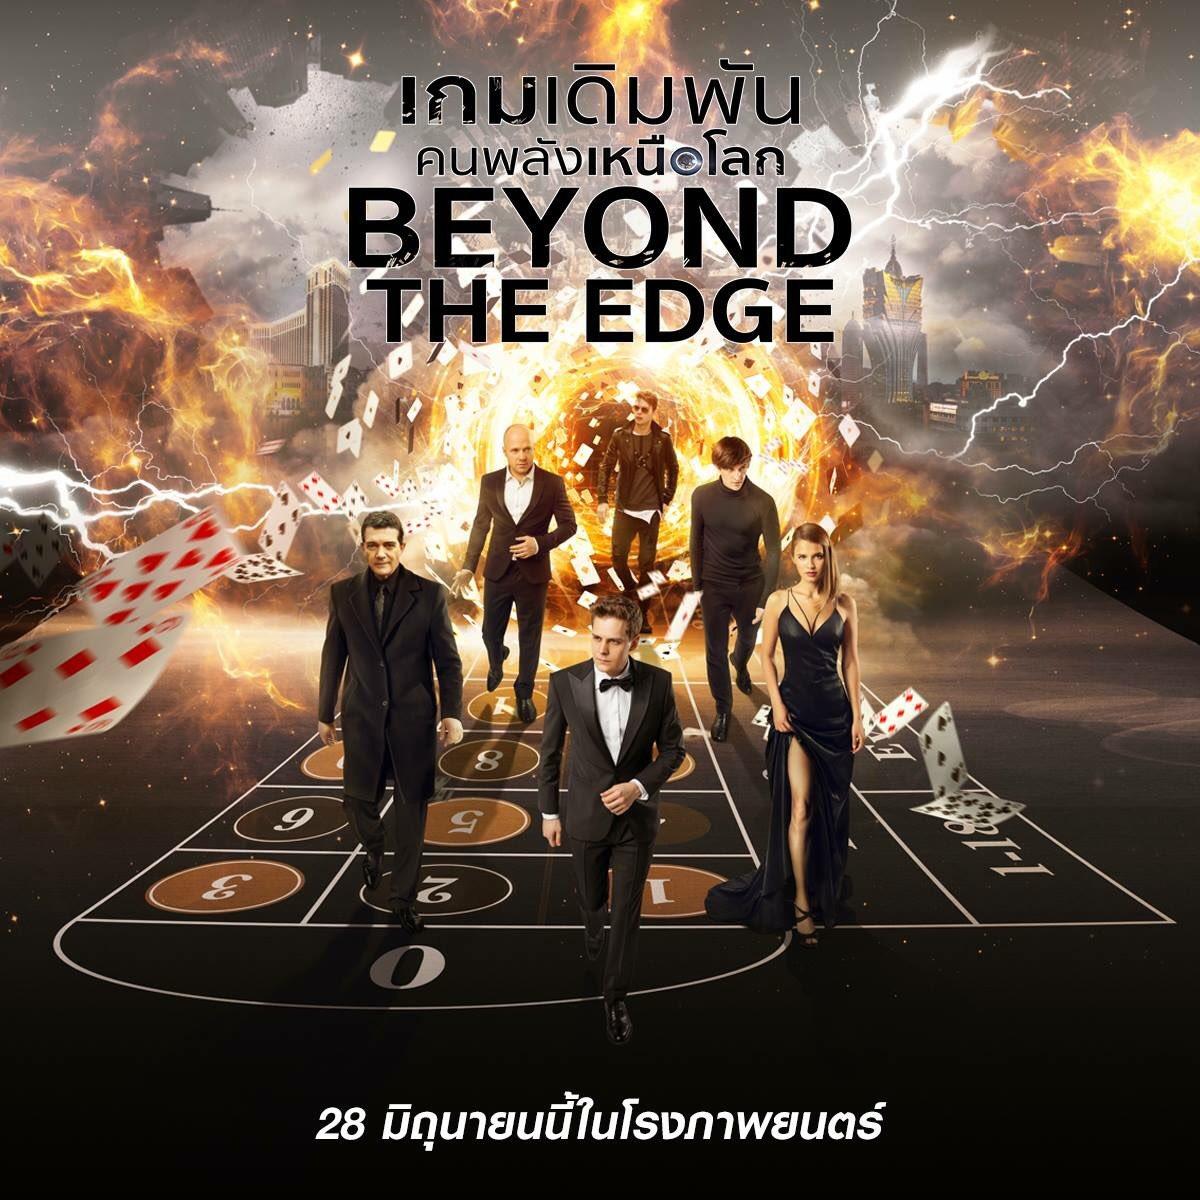 พบกับการปล้นสุดเหนือชั้นด้วยพลังเหนือมนุษย์ #BeyondtheEdge เกมเดิมพัน คนพลังเหนือโลก 28 มิถุนายนนี้ ในโรงภาพยนตร์